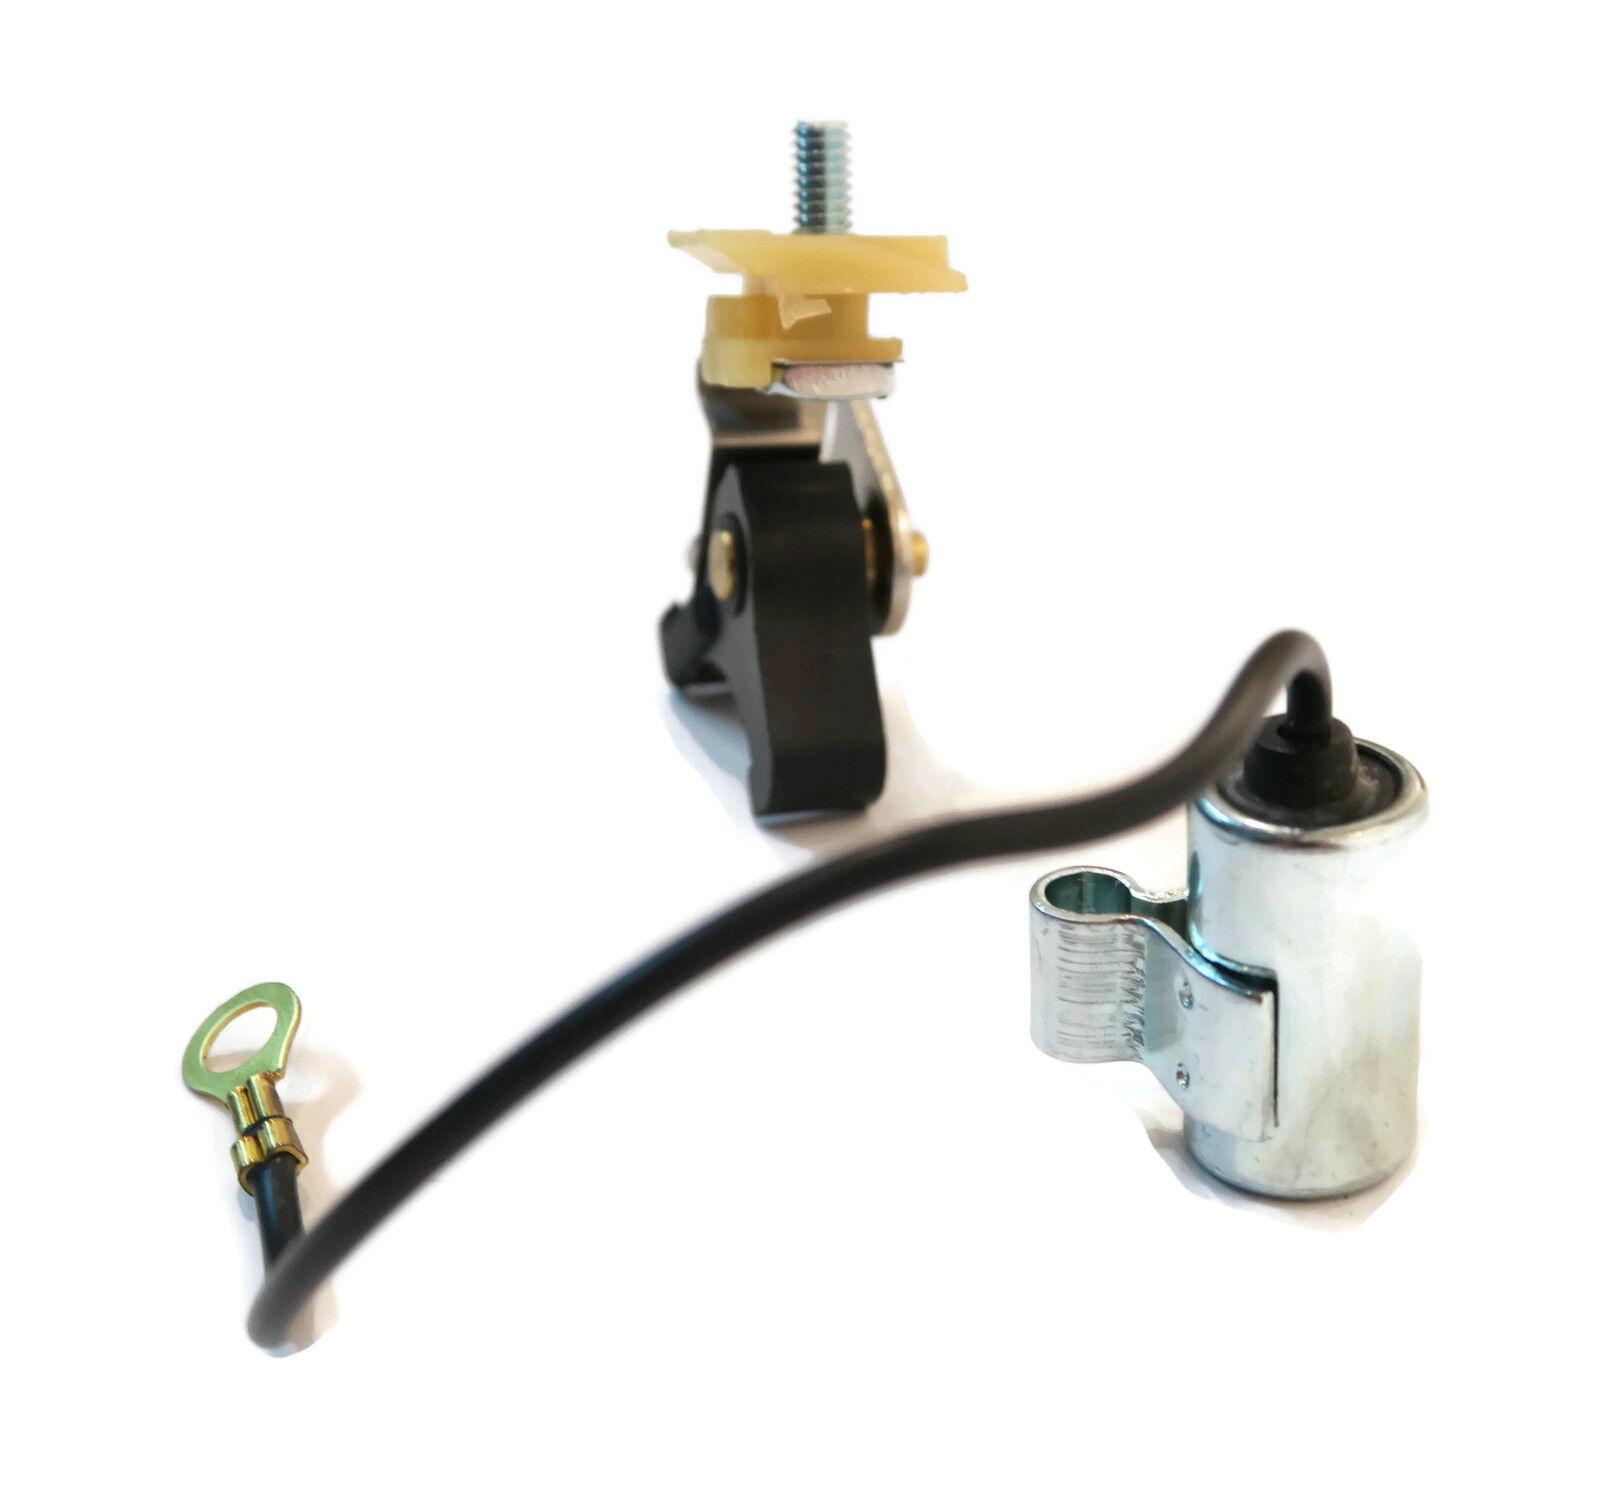 Points Condenser Ignition Set Fits Tecumseh Hm70 Hm80 Hm100 Hs40 Fuel Filter For Hs50 Hxl35